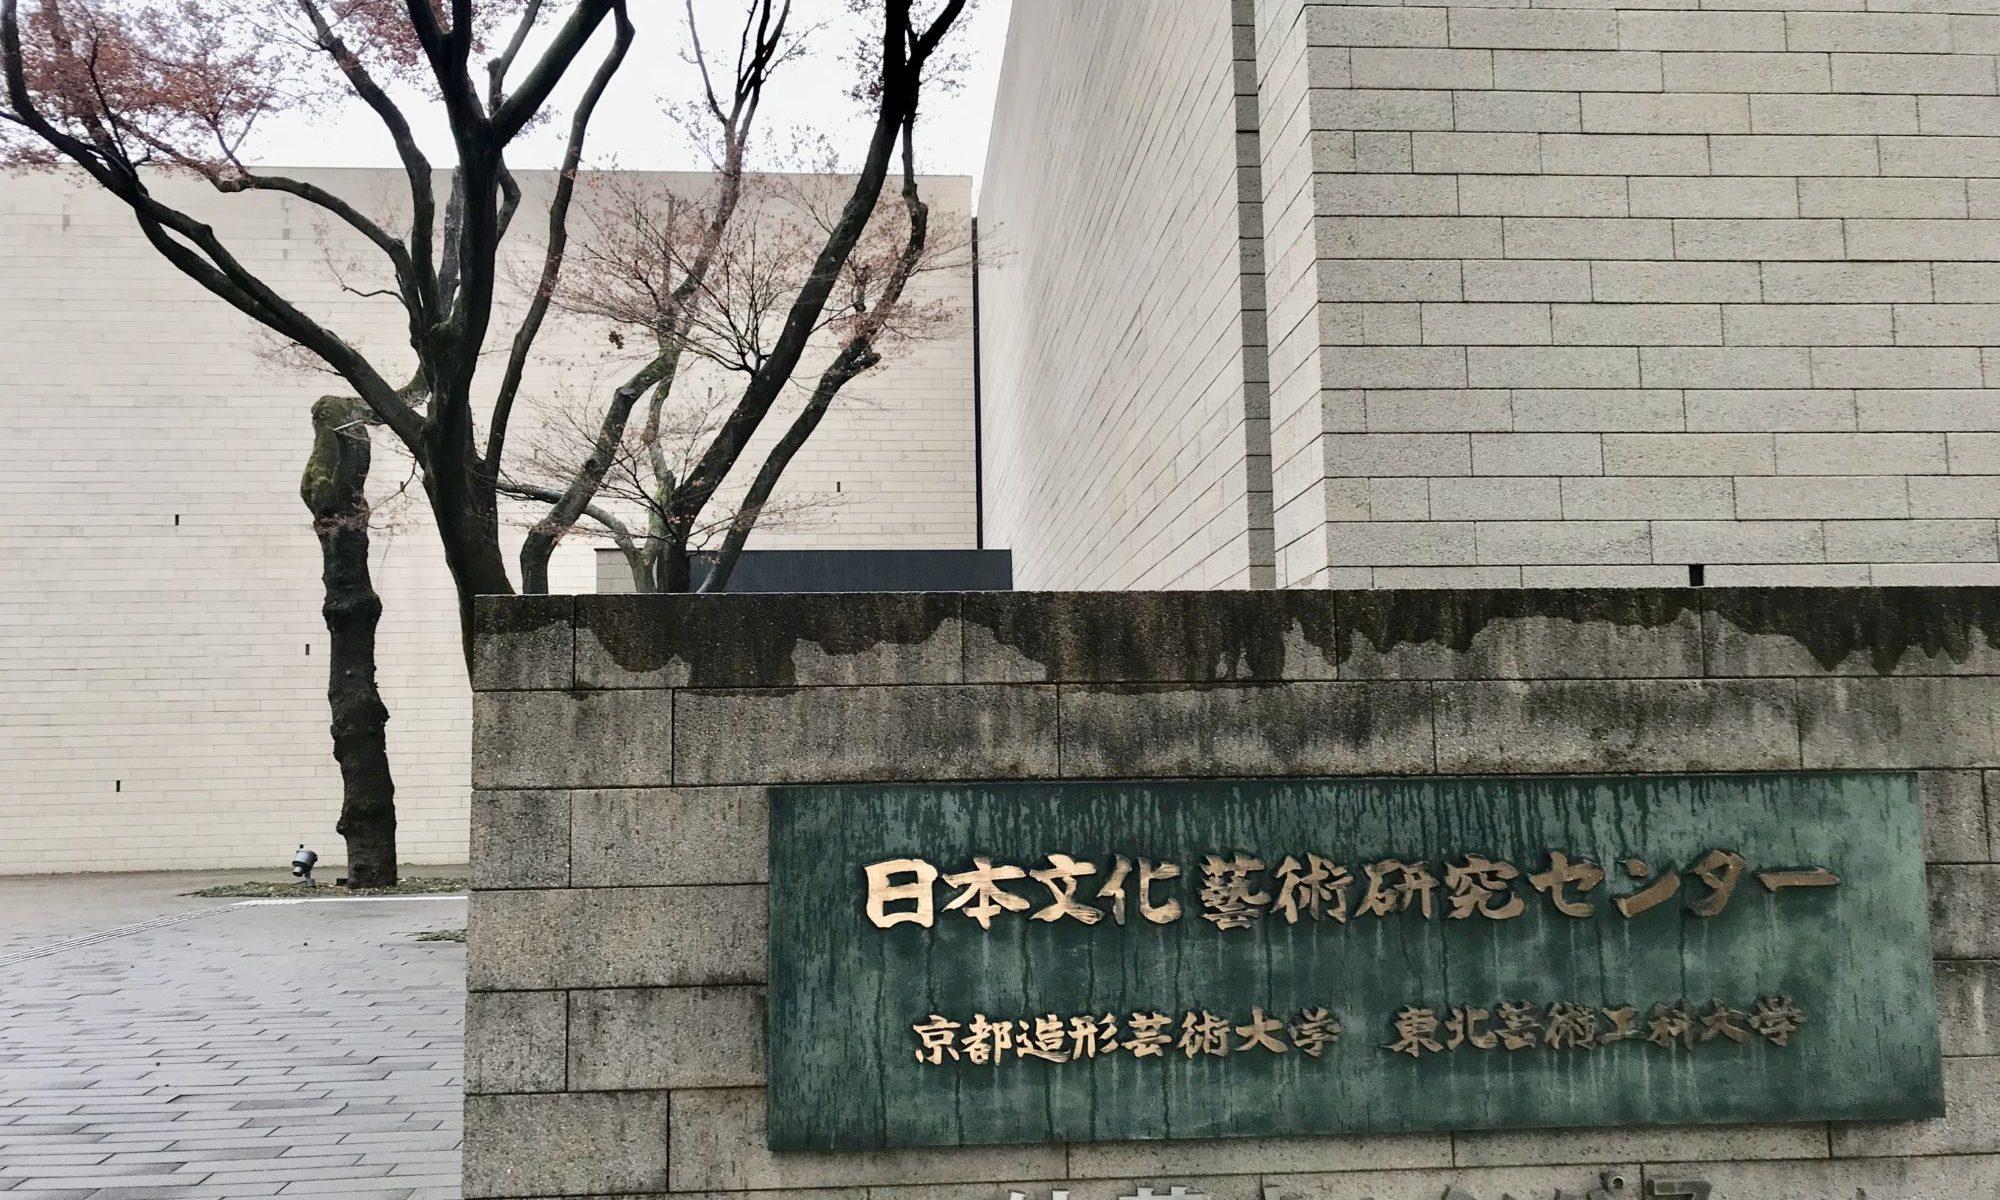 京都造形芸術大学 藝術学舎